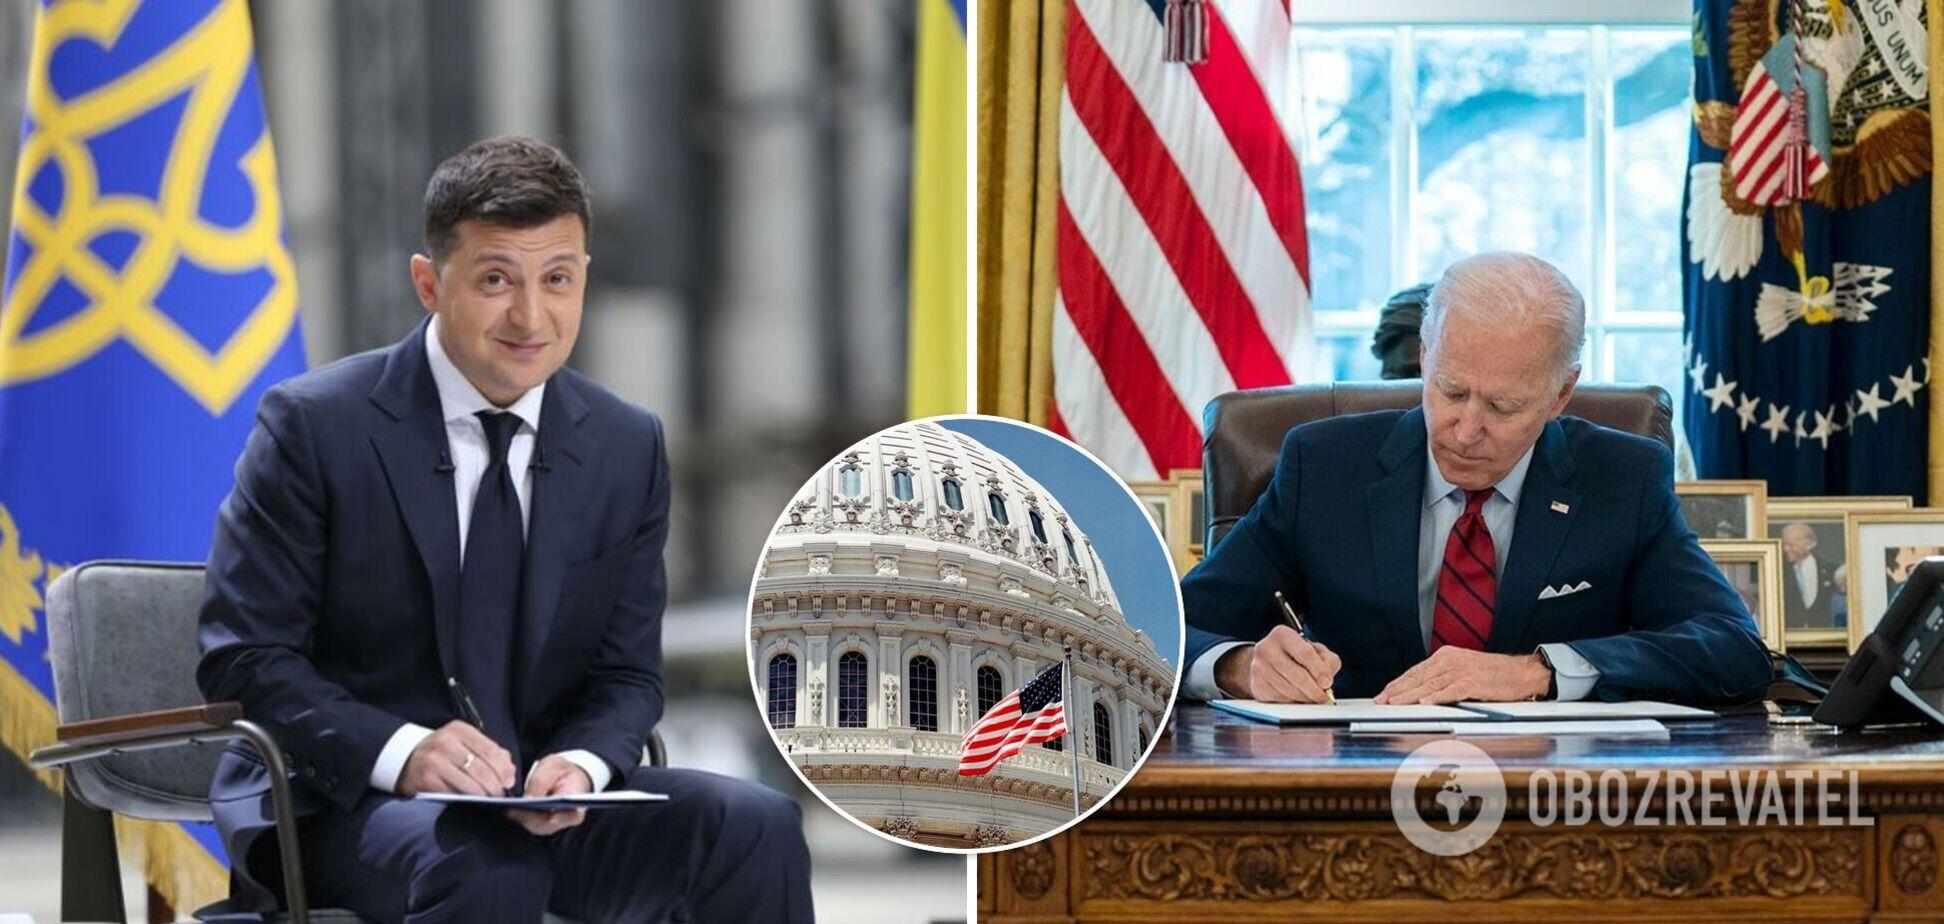 Члени Конгресу США мають намір зустрітися із Зеленським: що хочуть обговорити